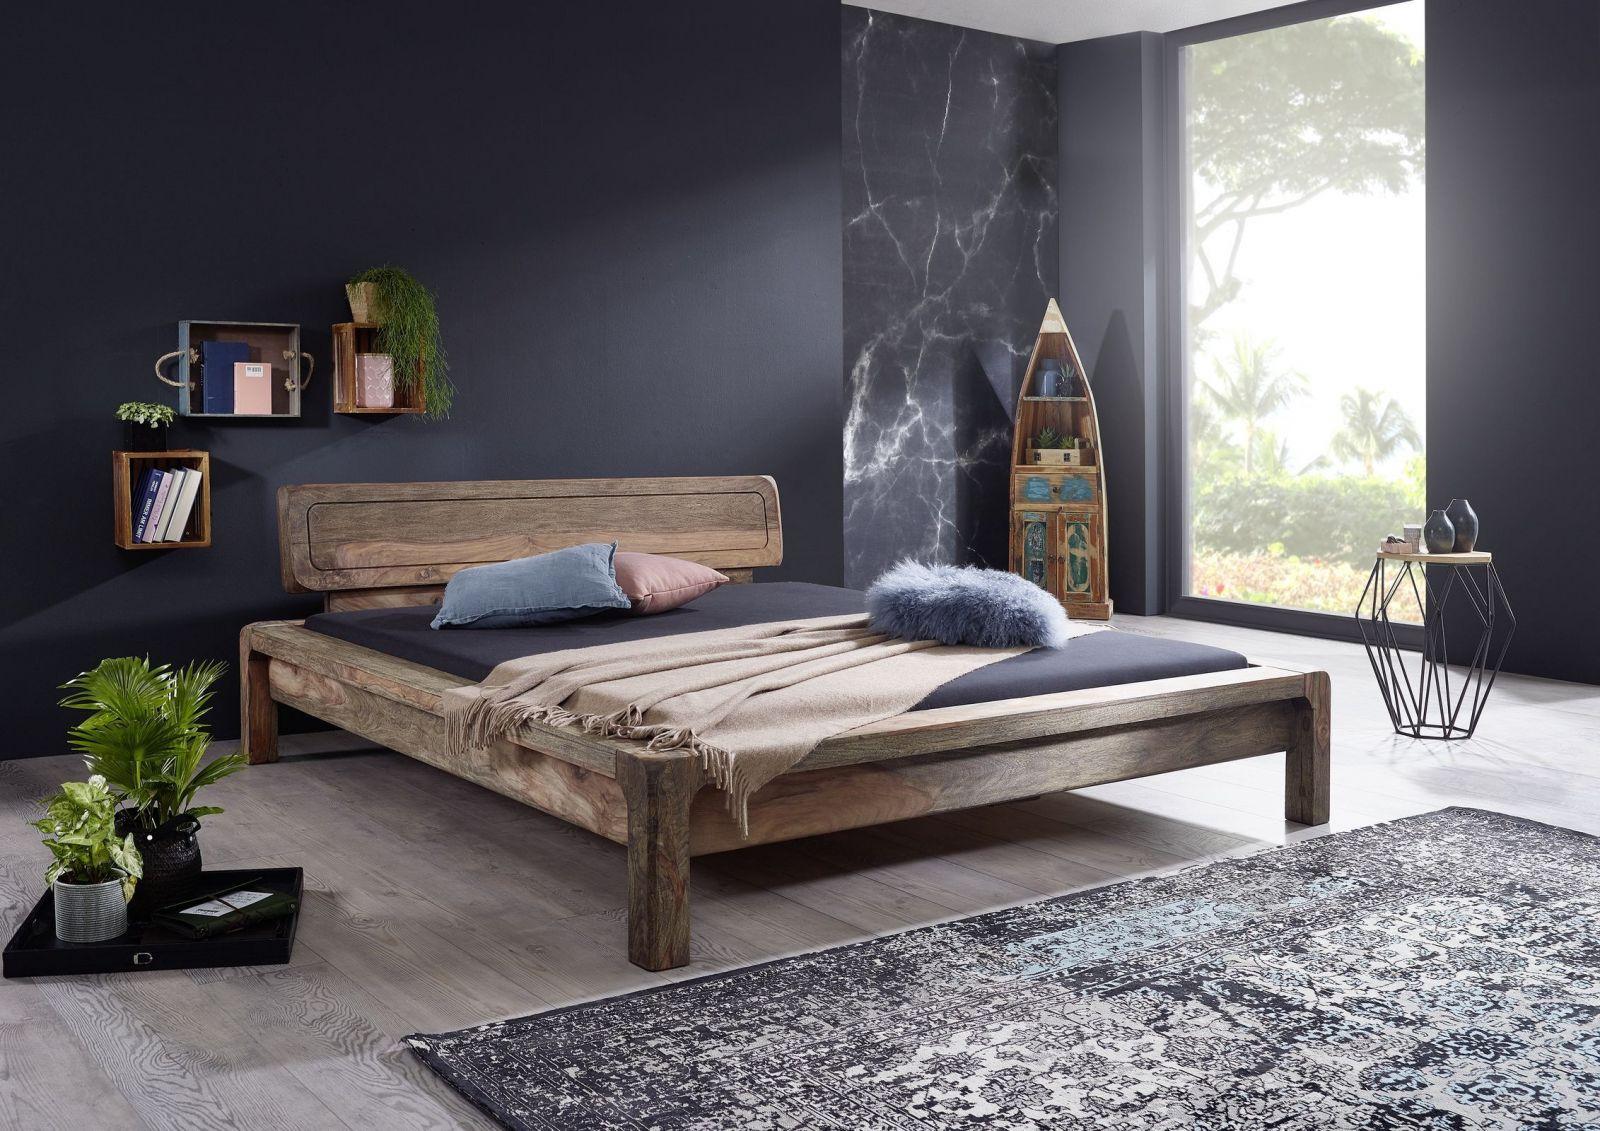 Full Size of Bett Modern Design Italienisches Puristisch Aus Sheesham Palisander Holz Gelt Grau Betten 100x200 Mit Matratze Und Lattenrost 140x200 King Size Bei Ikea Bett Bett Modern Design